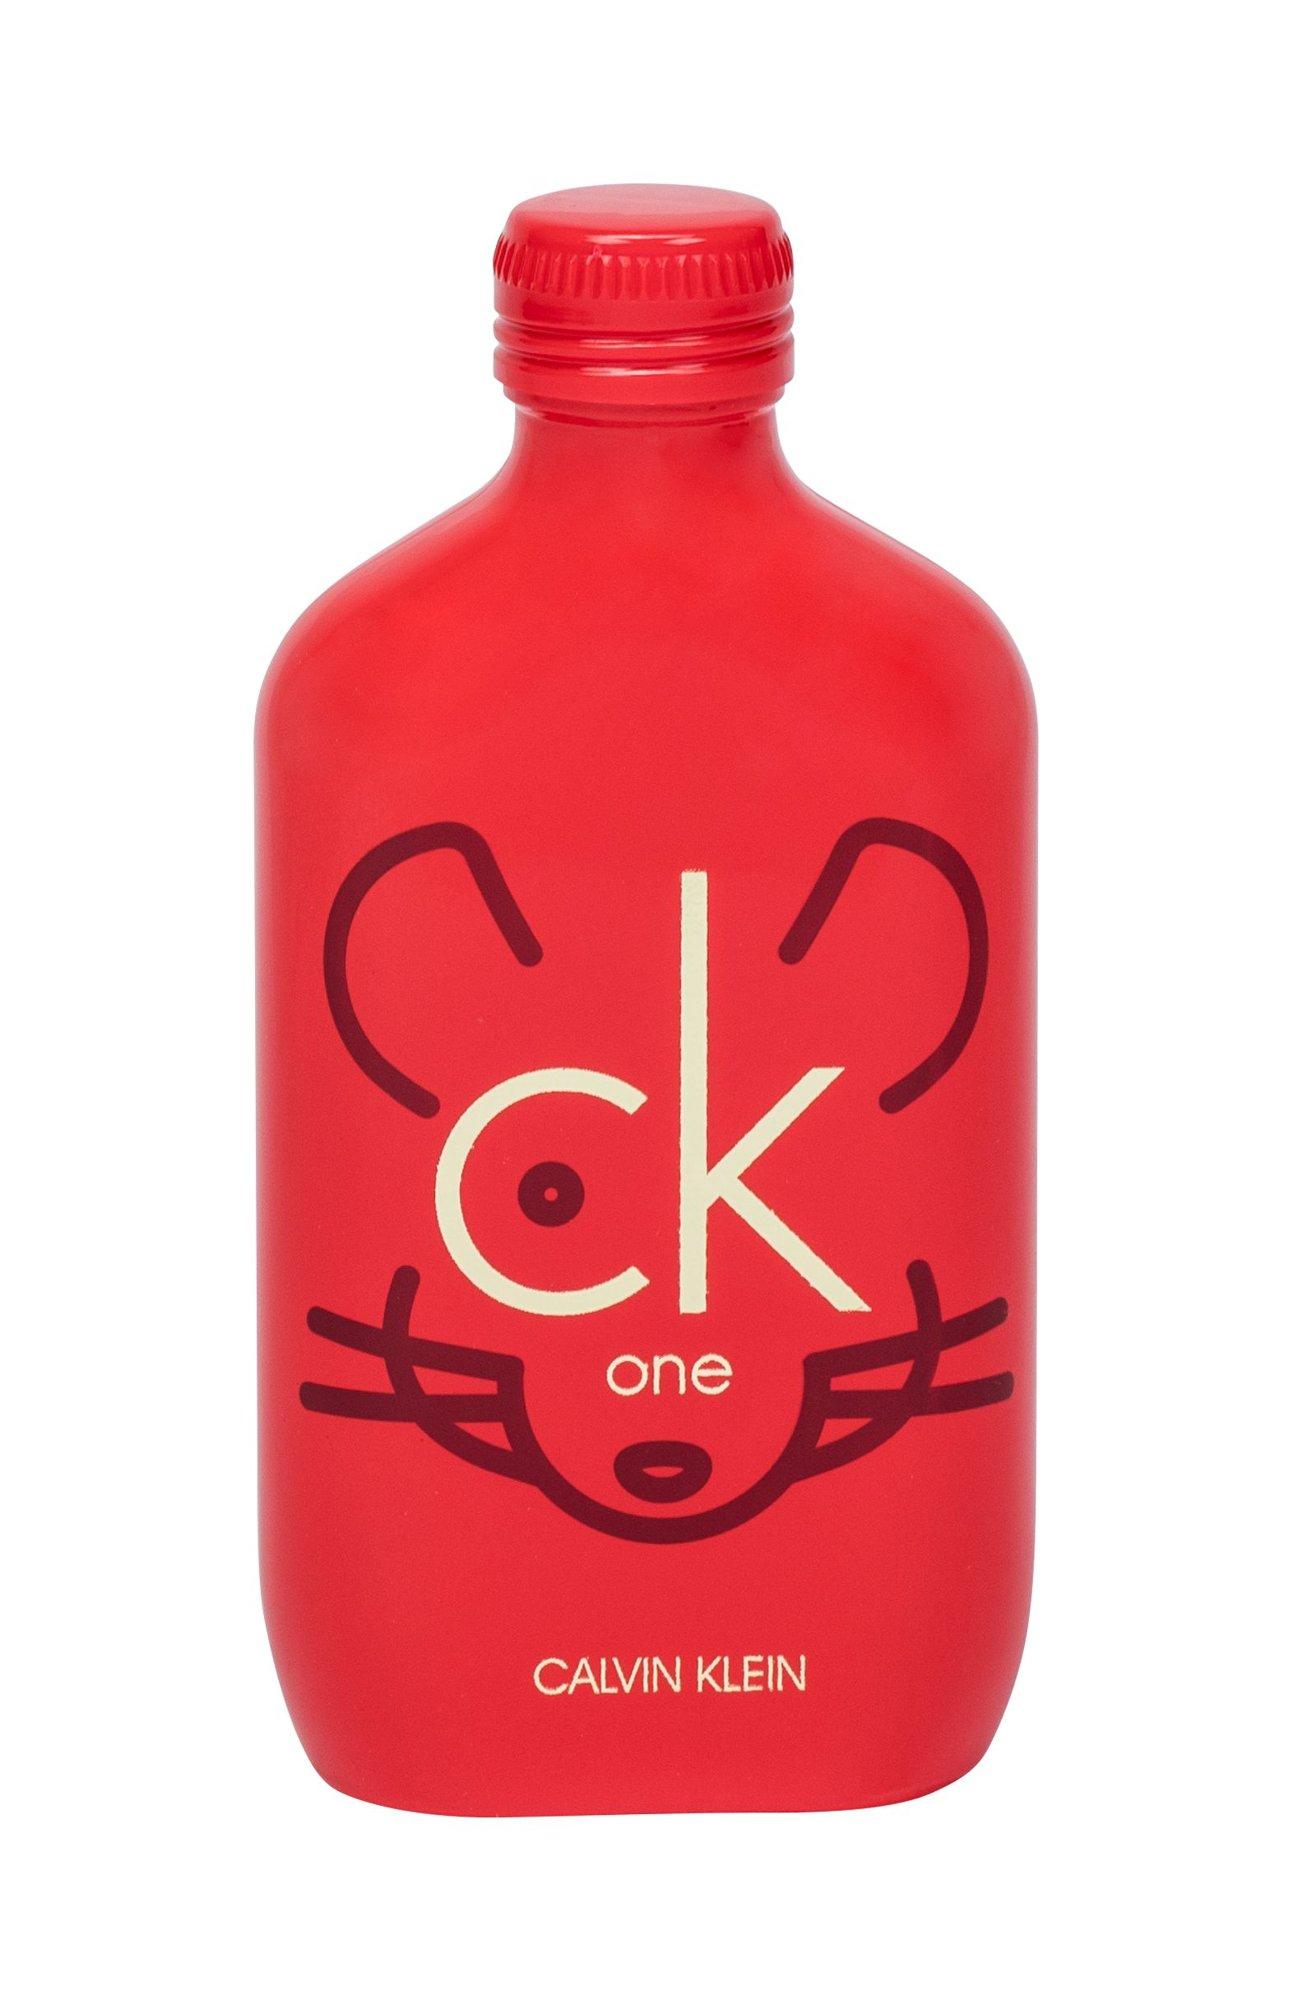 Calvin Klein CK One Collector´s Edition 2020, Toaletní voda 100ml